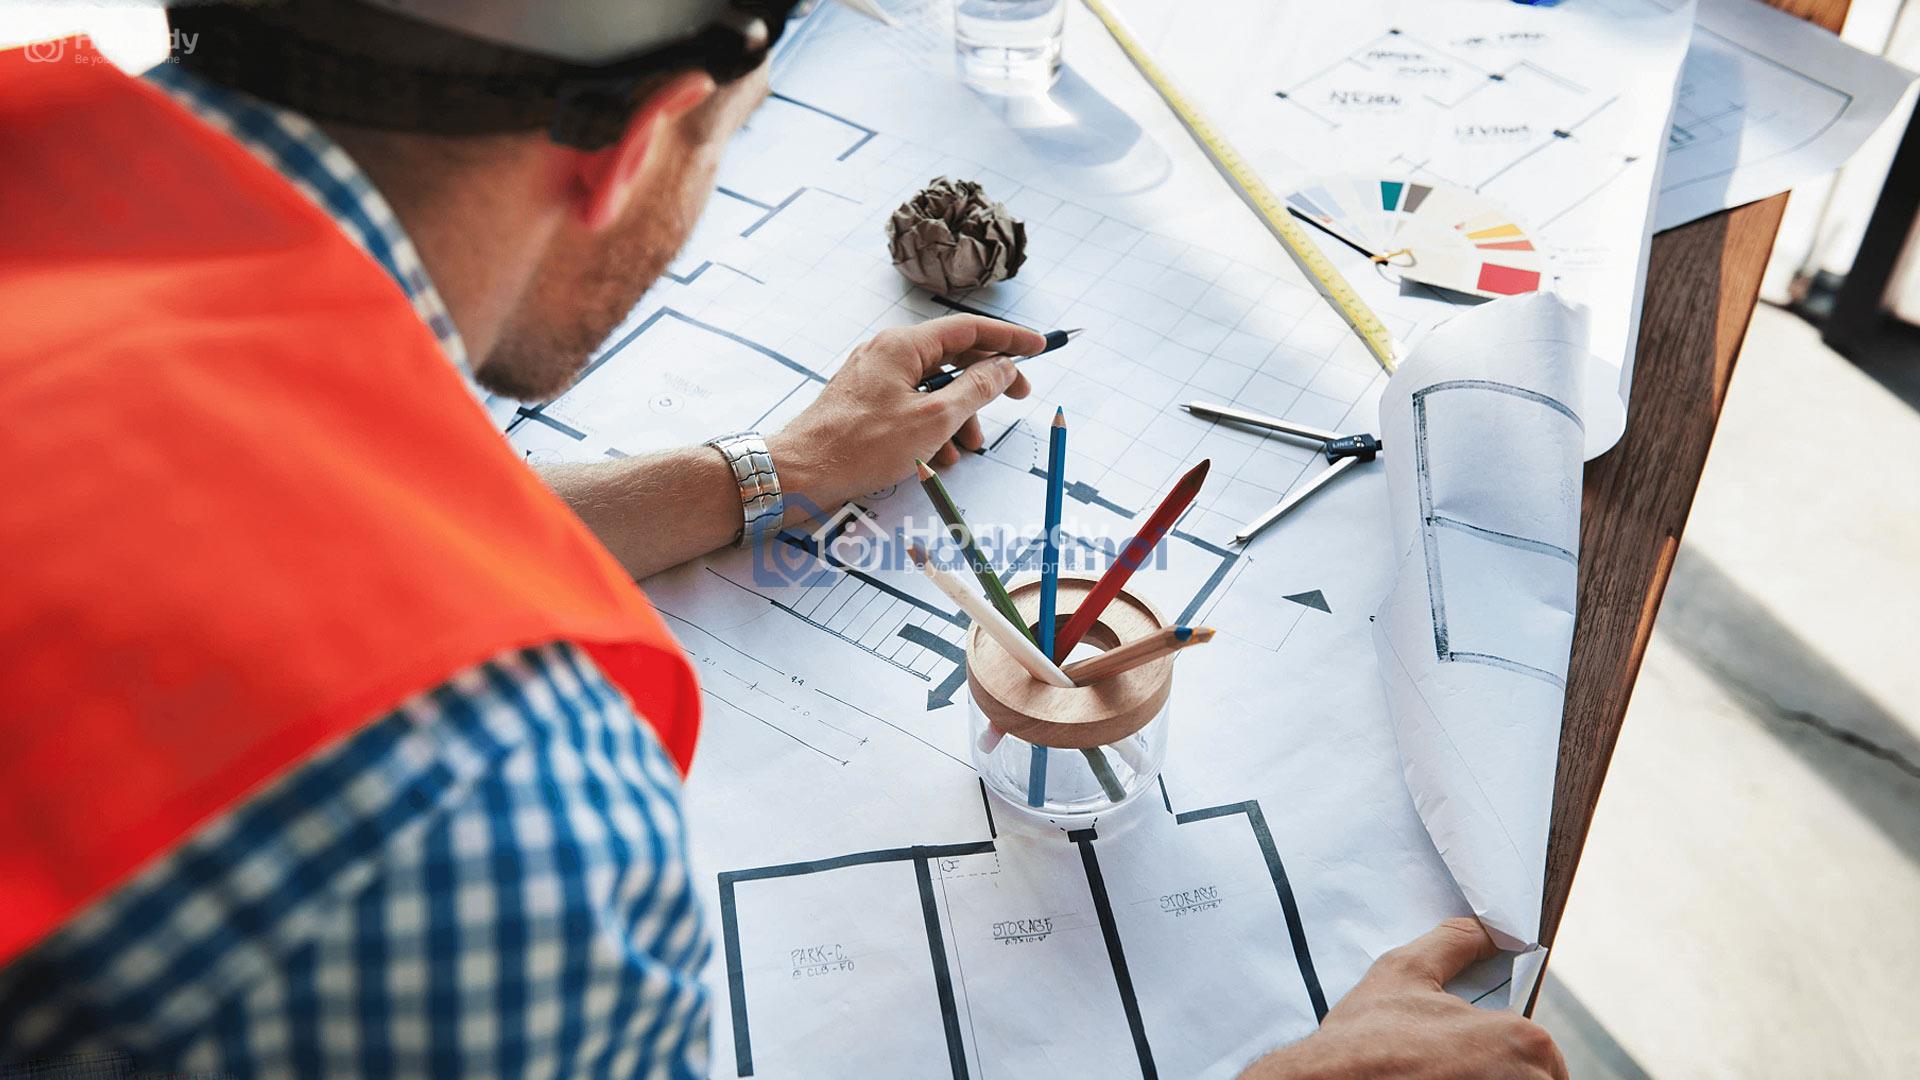 Cách tính tổng diện tích sàn xây dựng